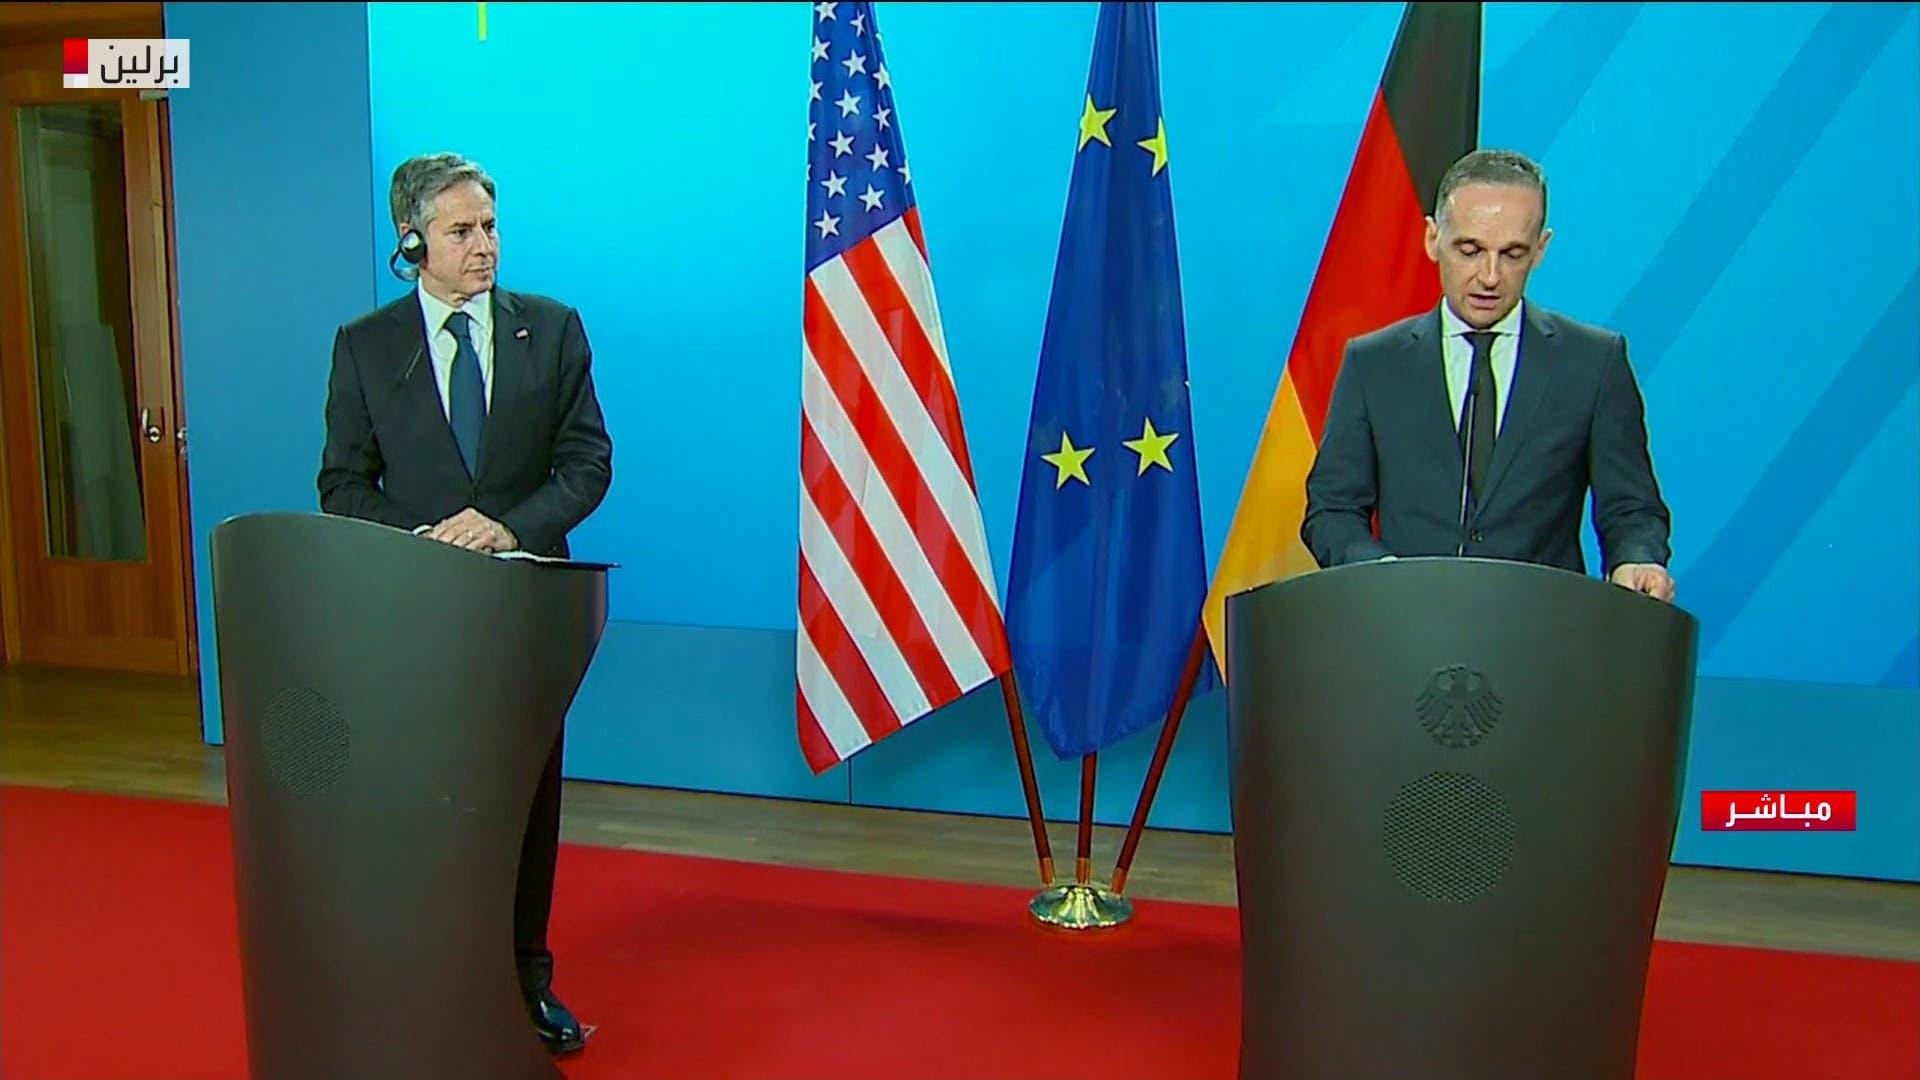 مؤتمر صحفي لوزيري الخارجية الأميركي أنتوني بلينكن والألماني هايكو ماس